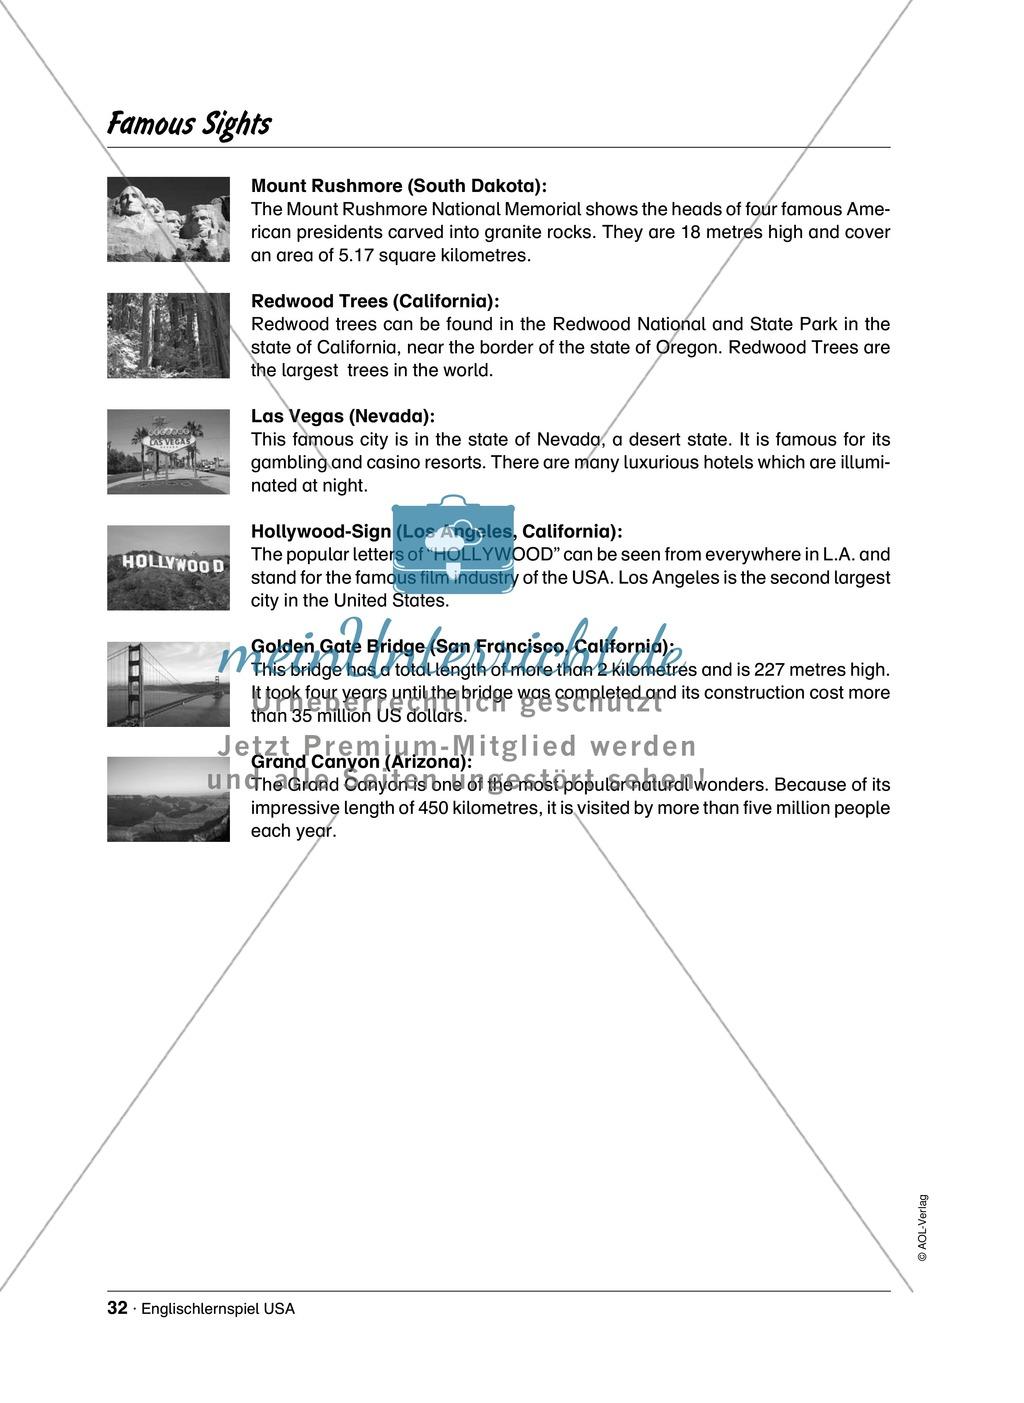 Englischlernspiel USA: Spielkarten + Informationen zu Sehenswürdigkeiten Preview 25